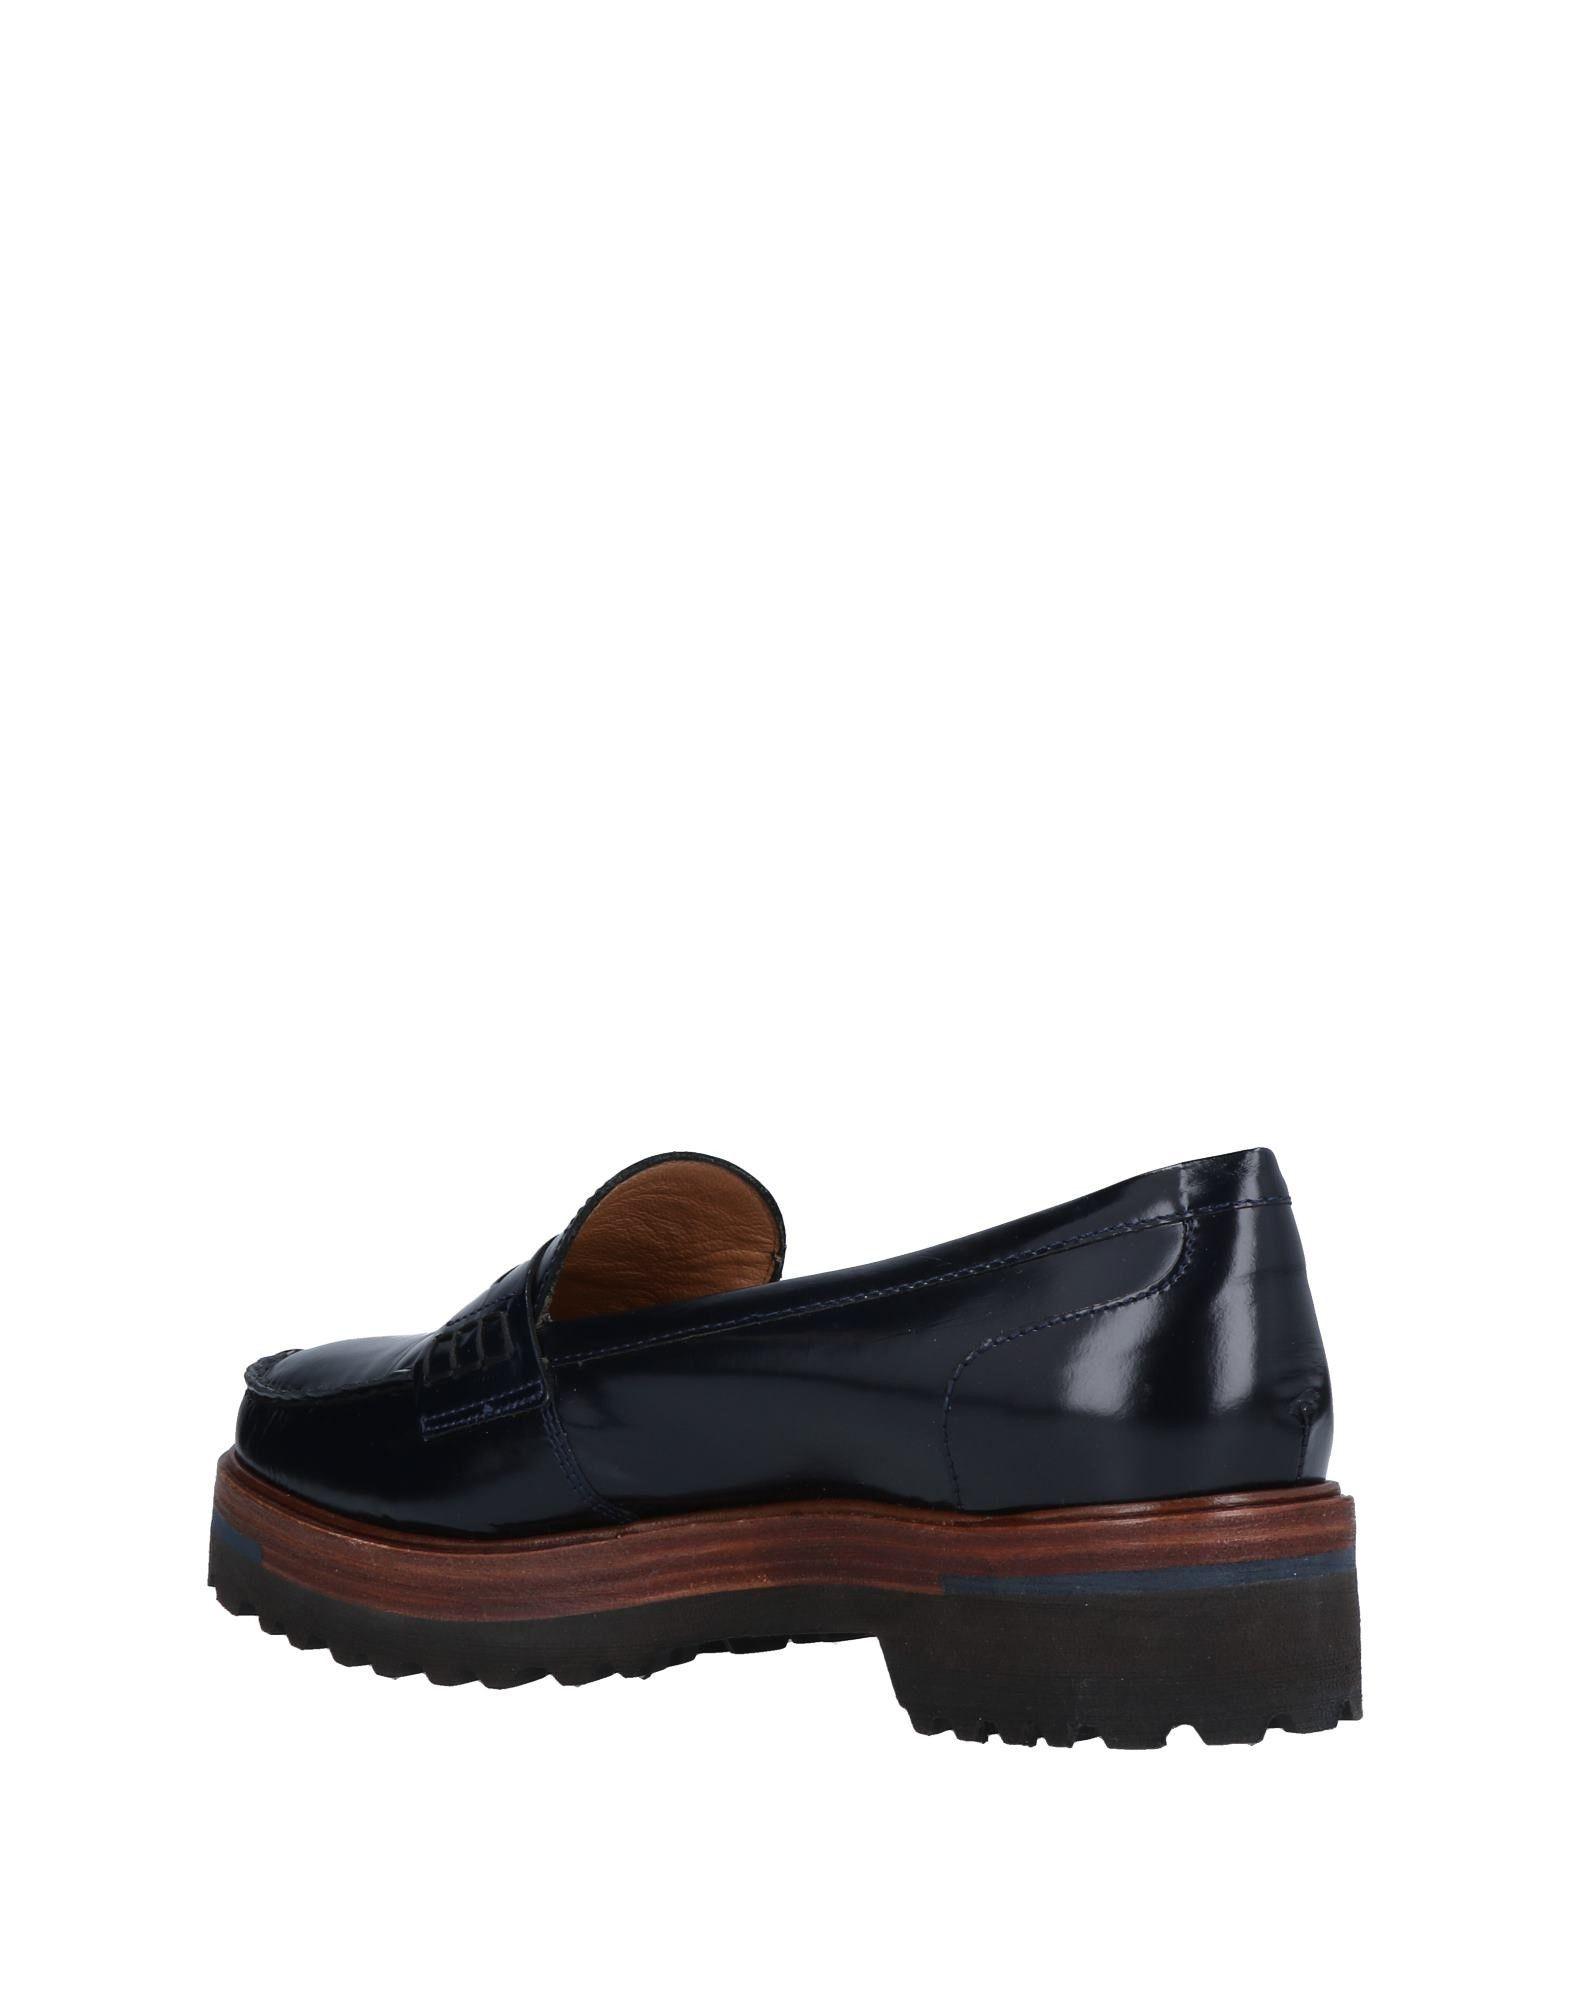 11031997WU Parlanti Mokassins Damen  11031997WU  Heiße Schuhe 7ec322